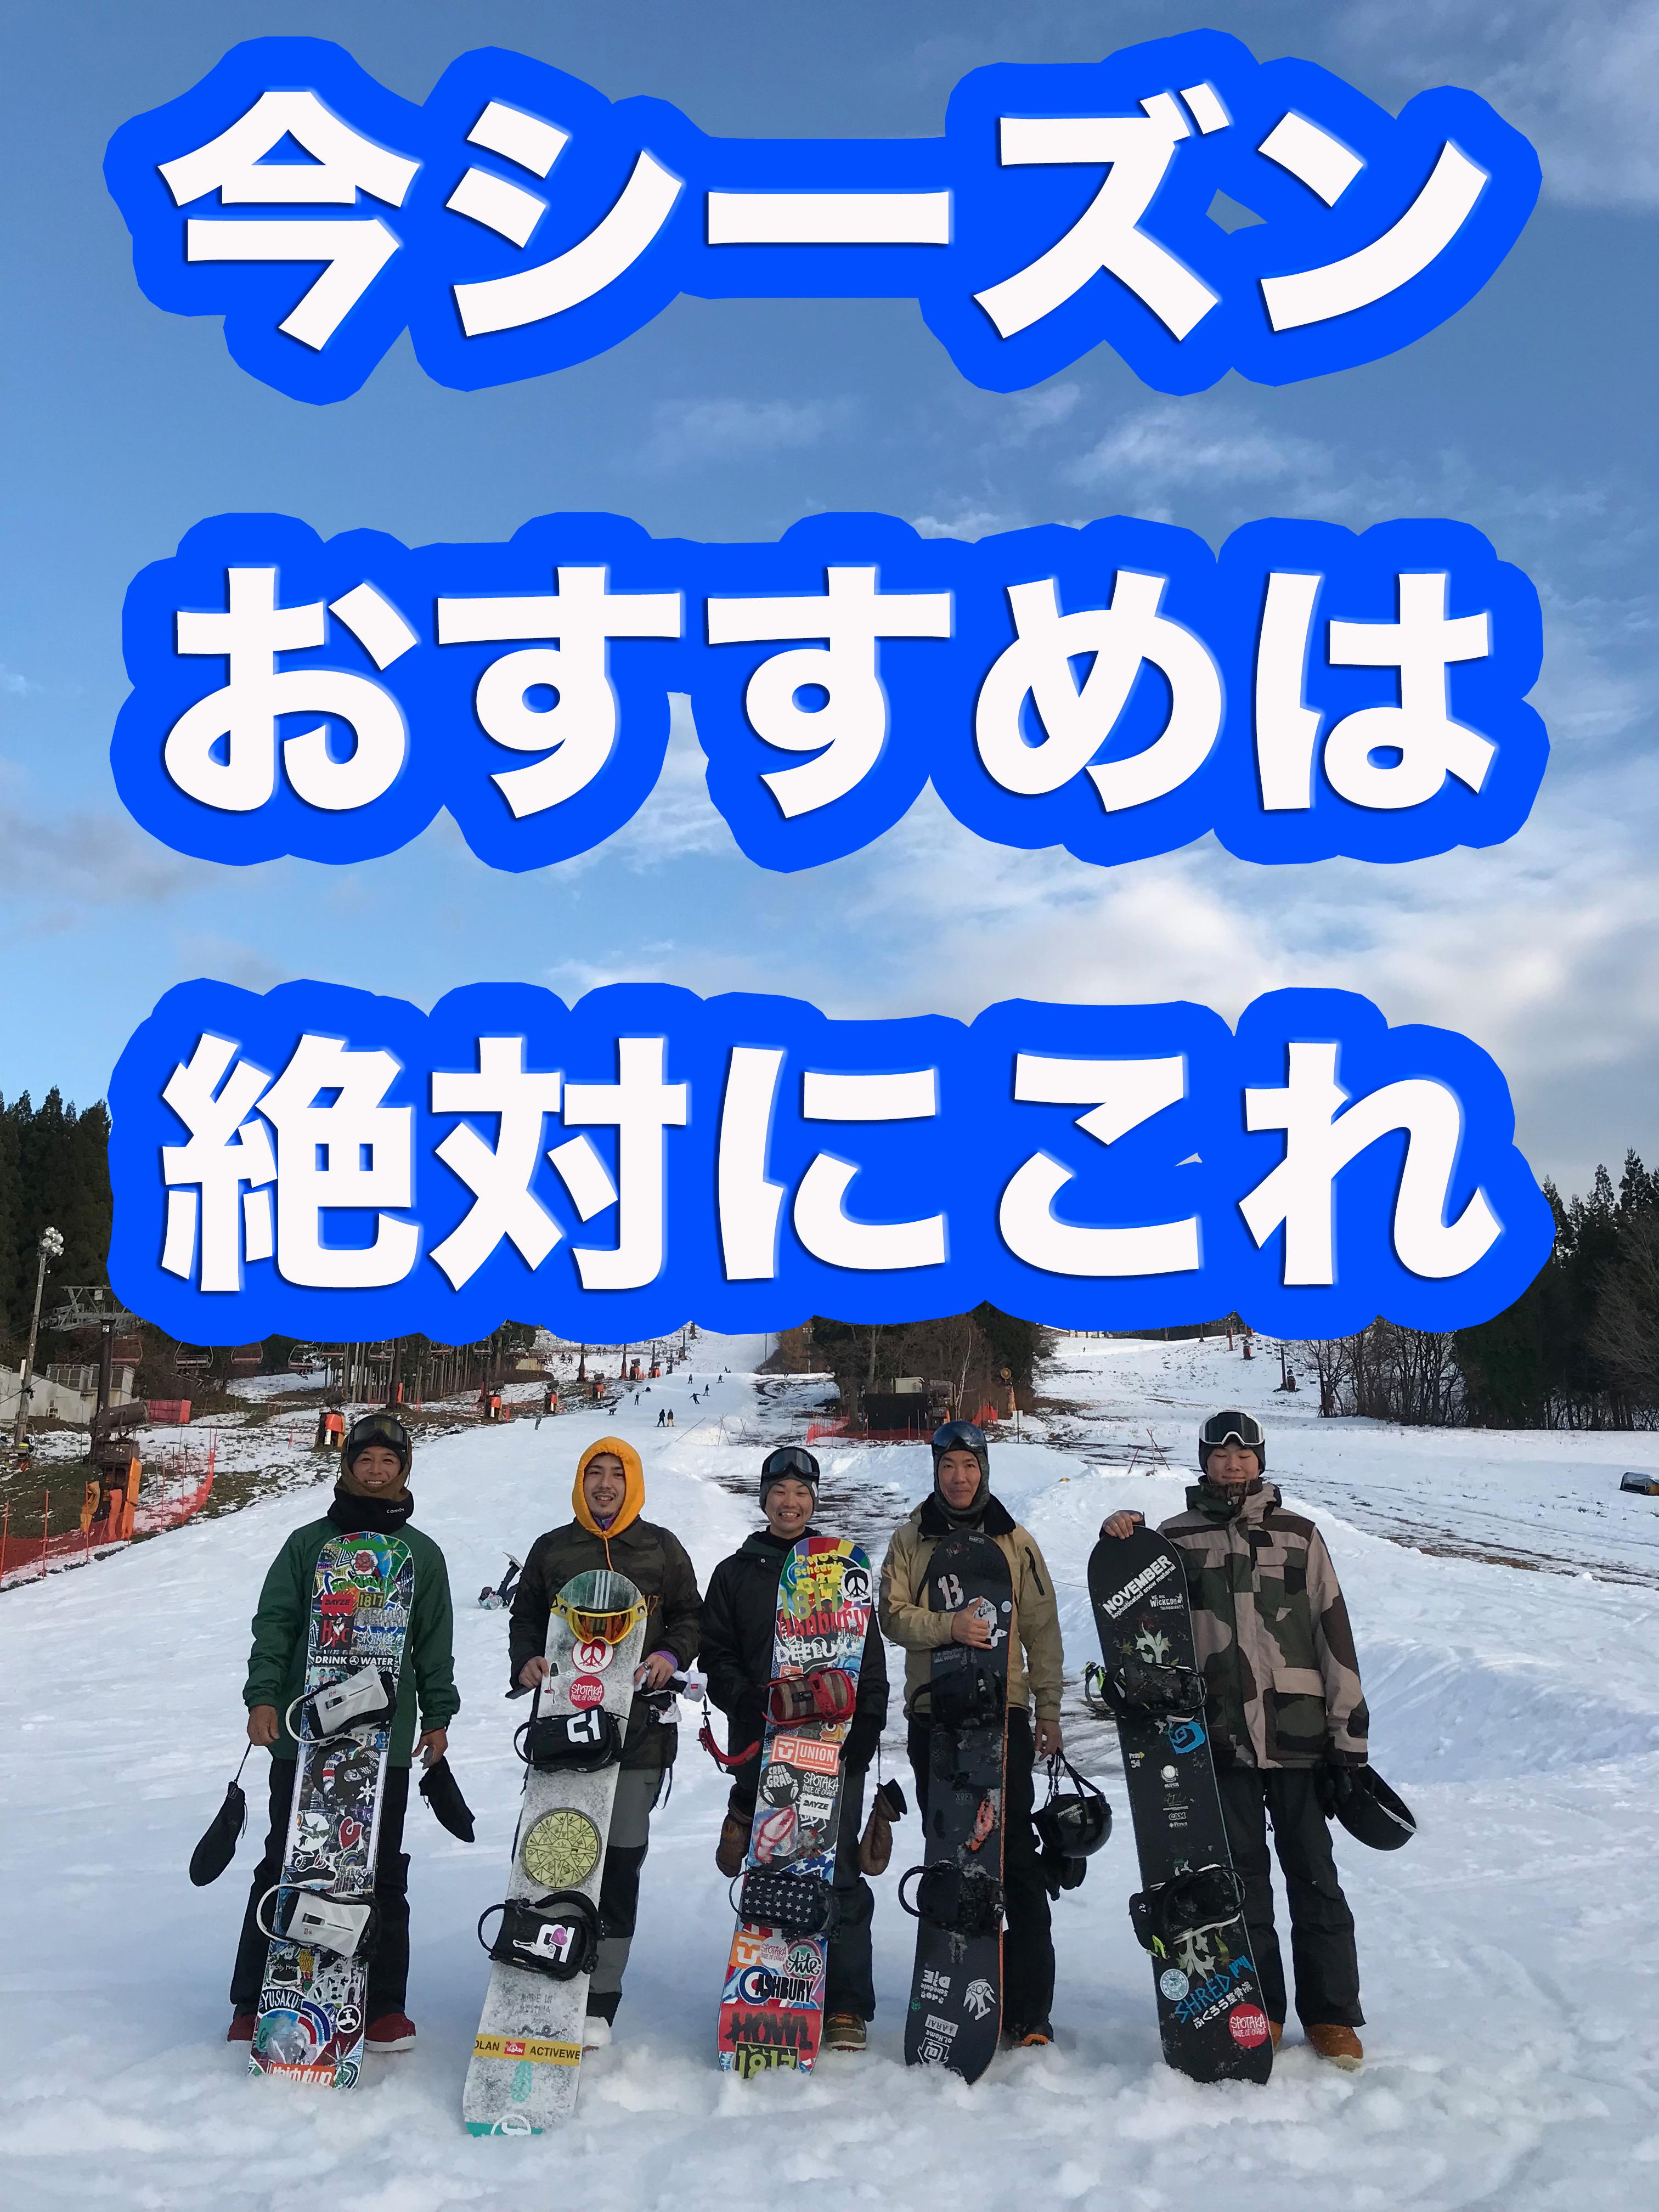 「解禁」スノーボードシーズン到来!スタッフが本音でお勧めするギアはこれだ!